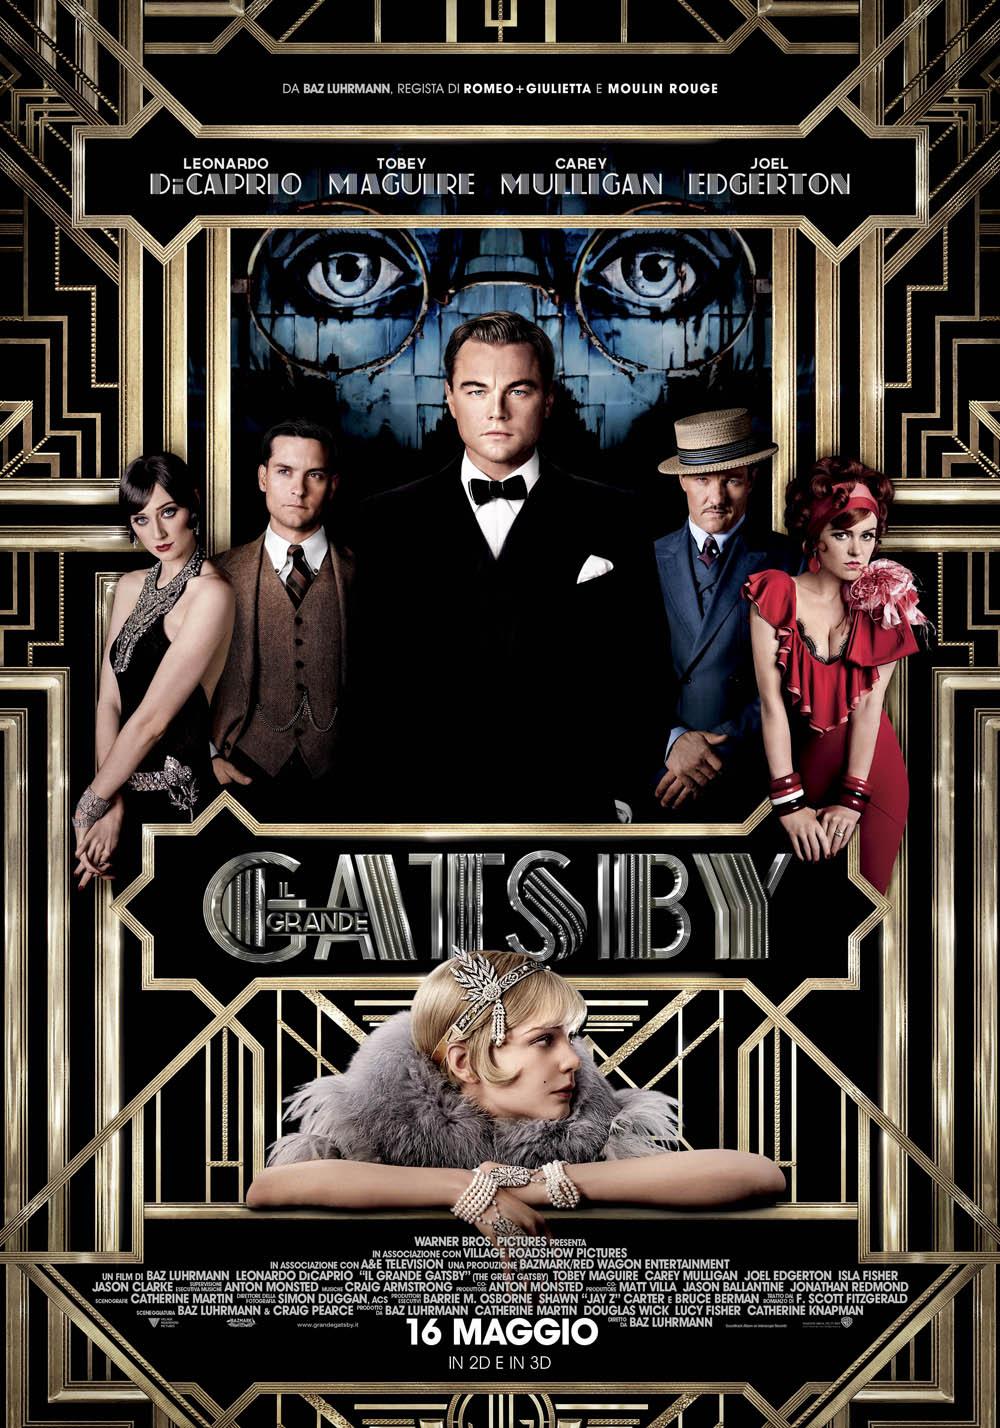 2013 05 20 il-grande-gatsby cover